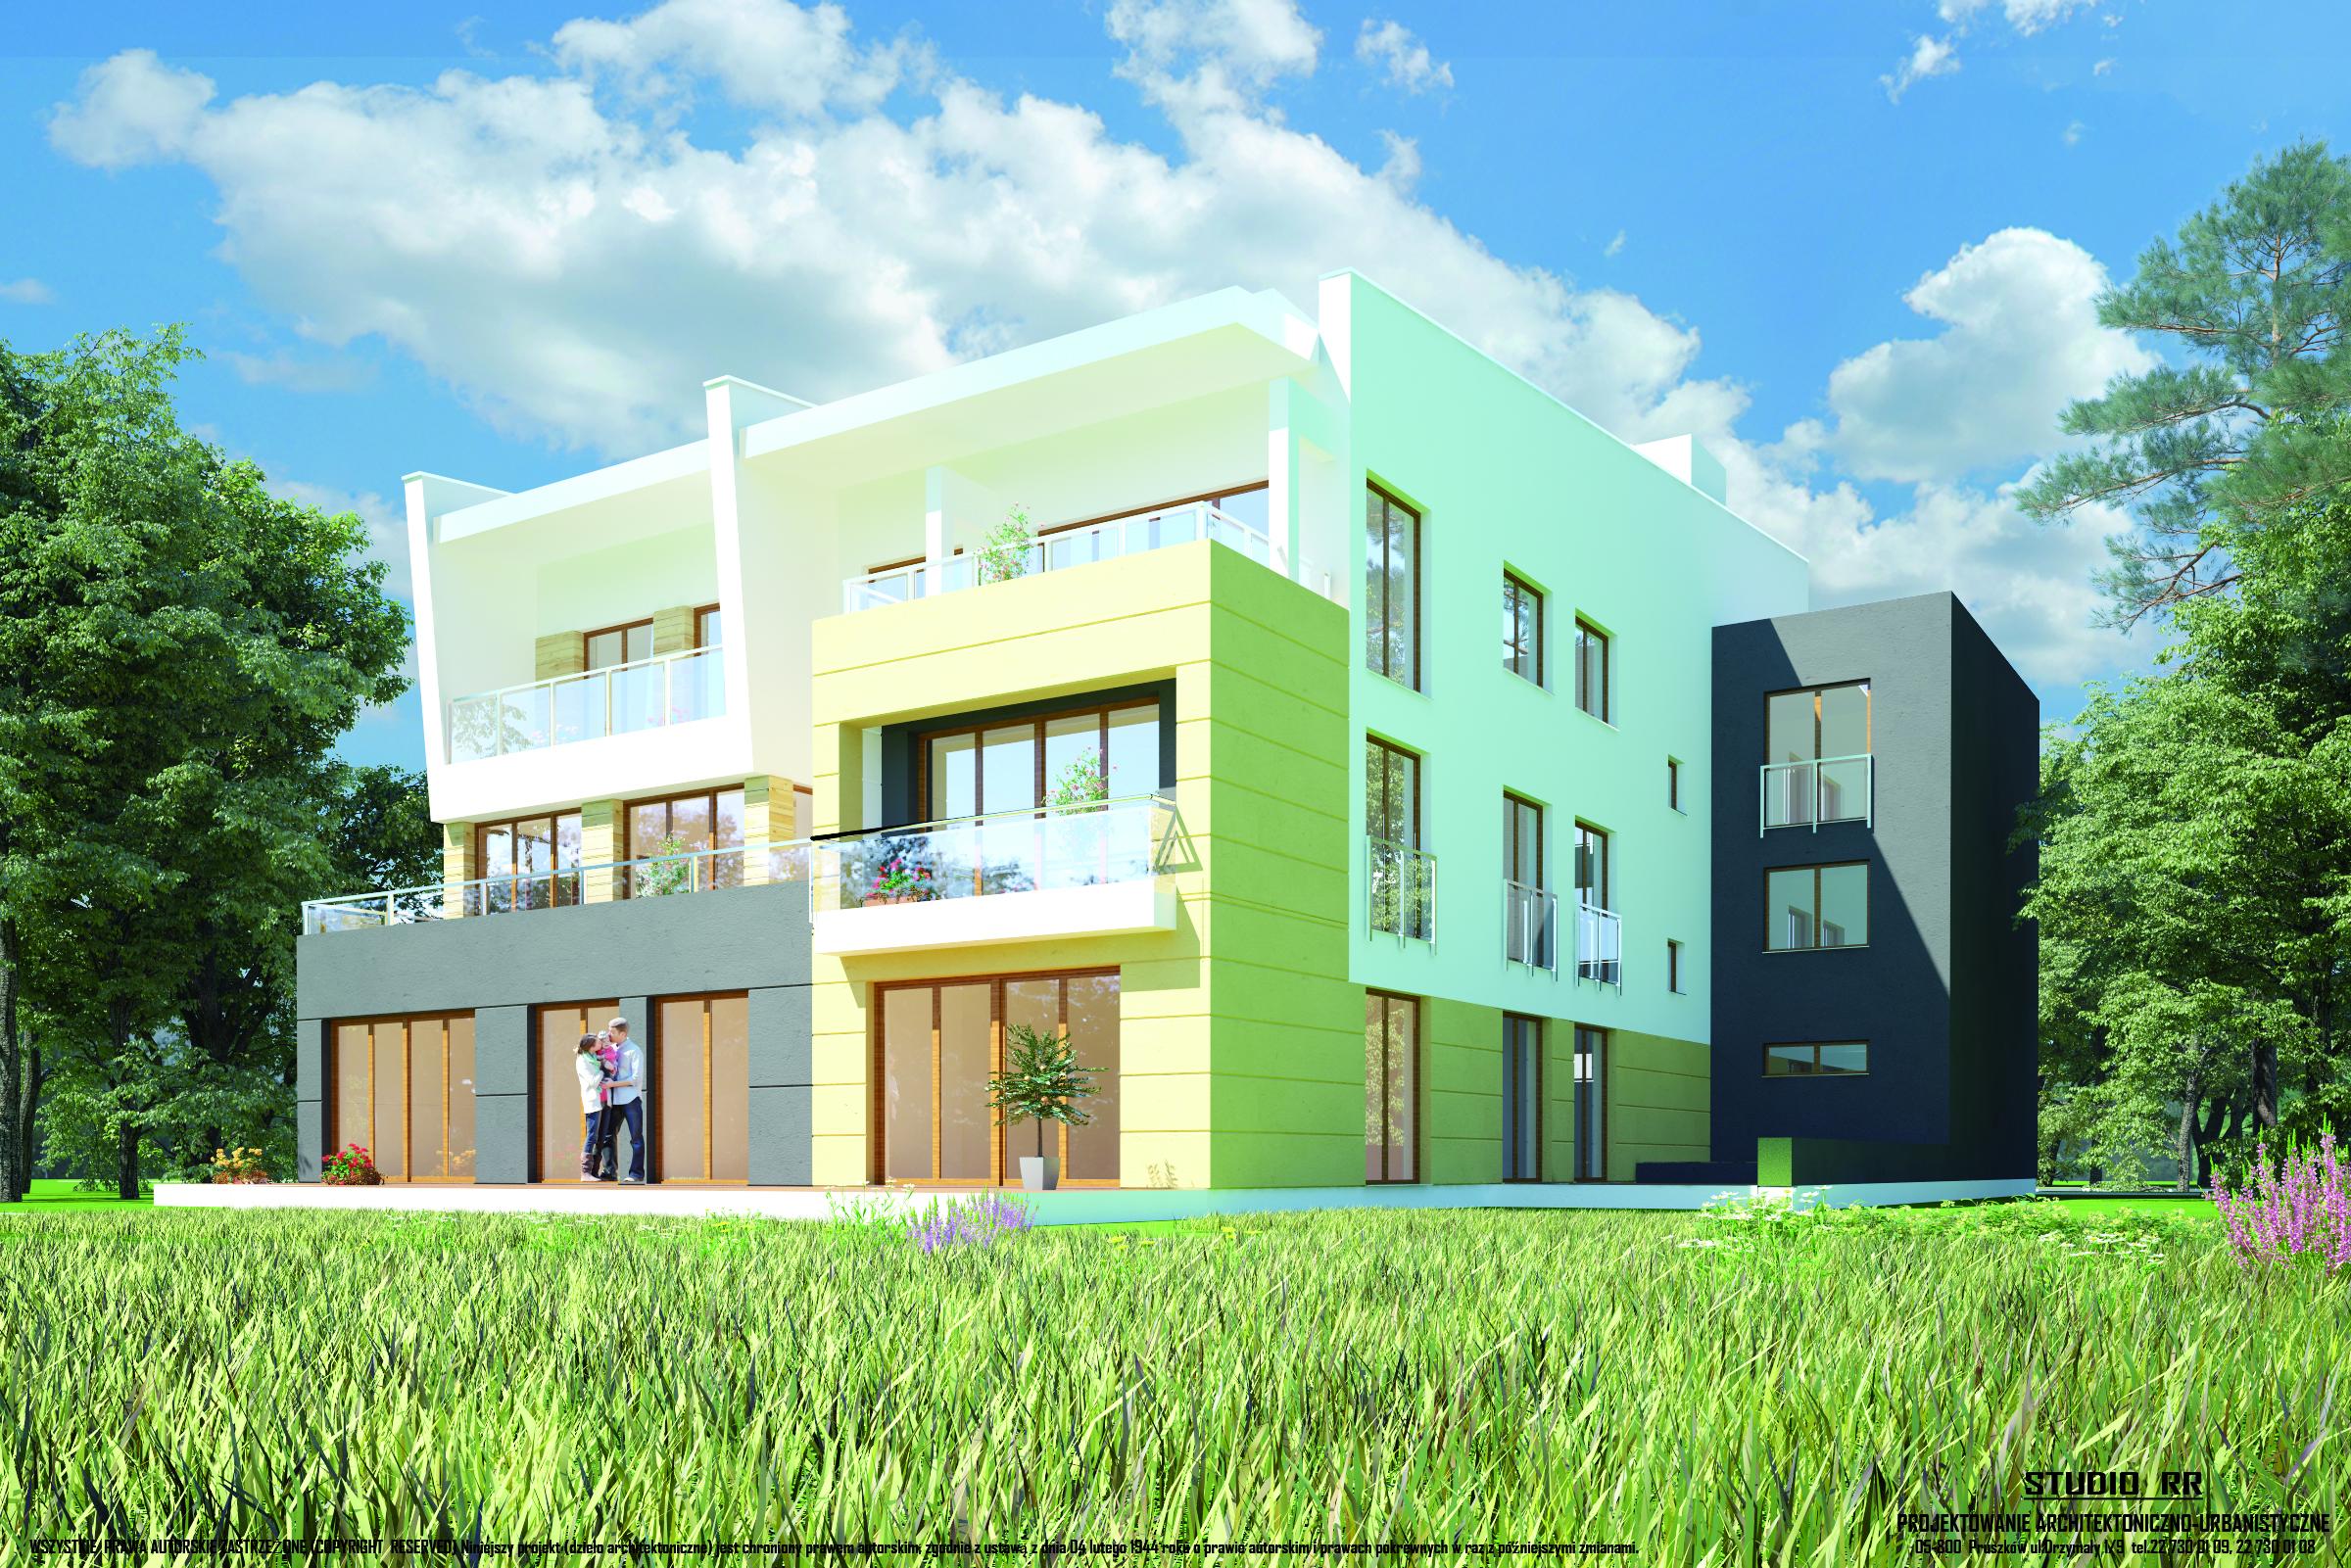 Bardzo dobra Nowe mieszkania w Pruszkowie przy ulicy Owocowej 7 DM64